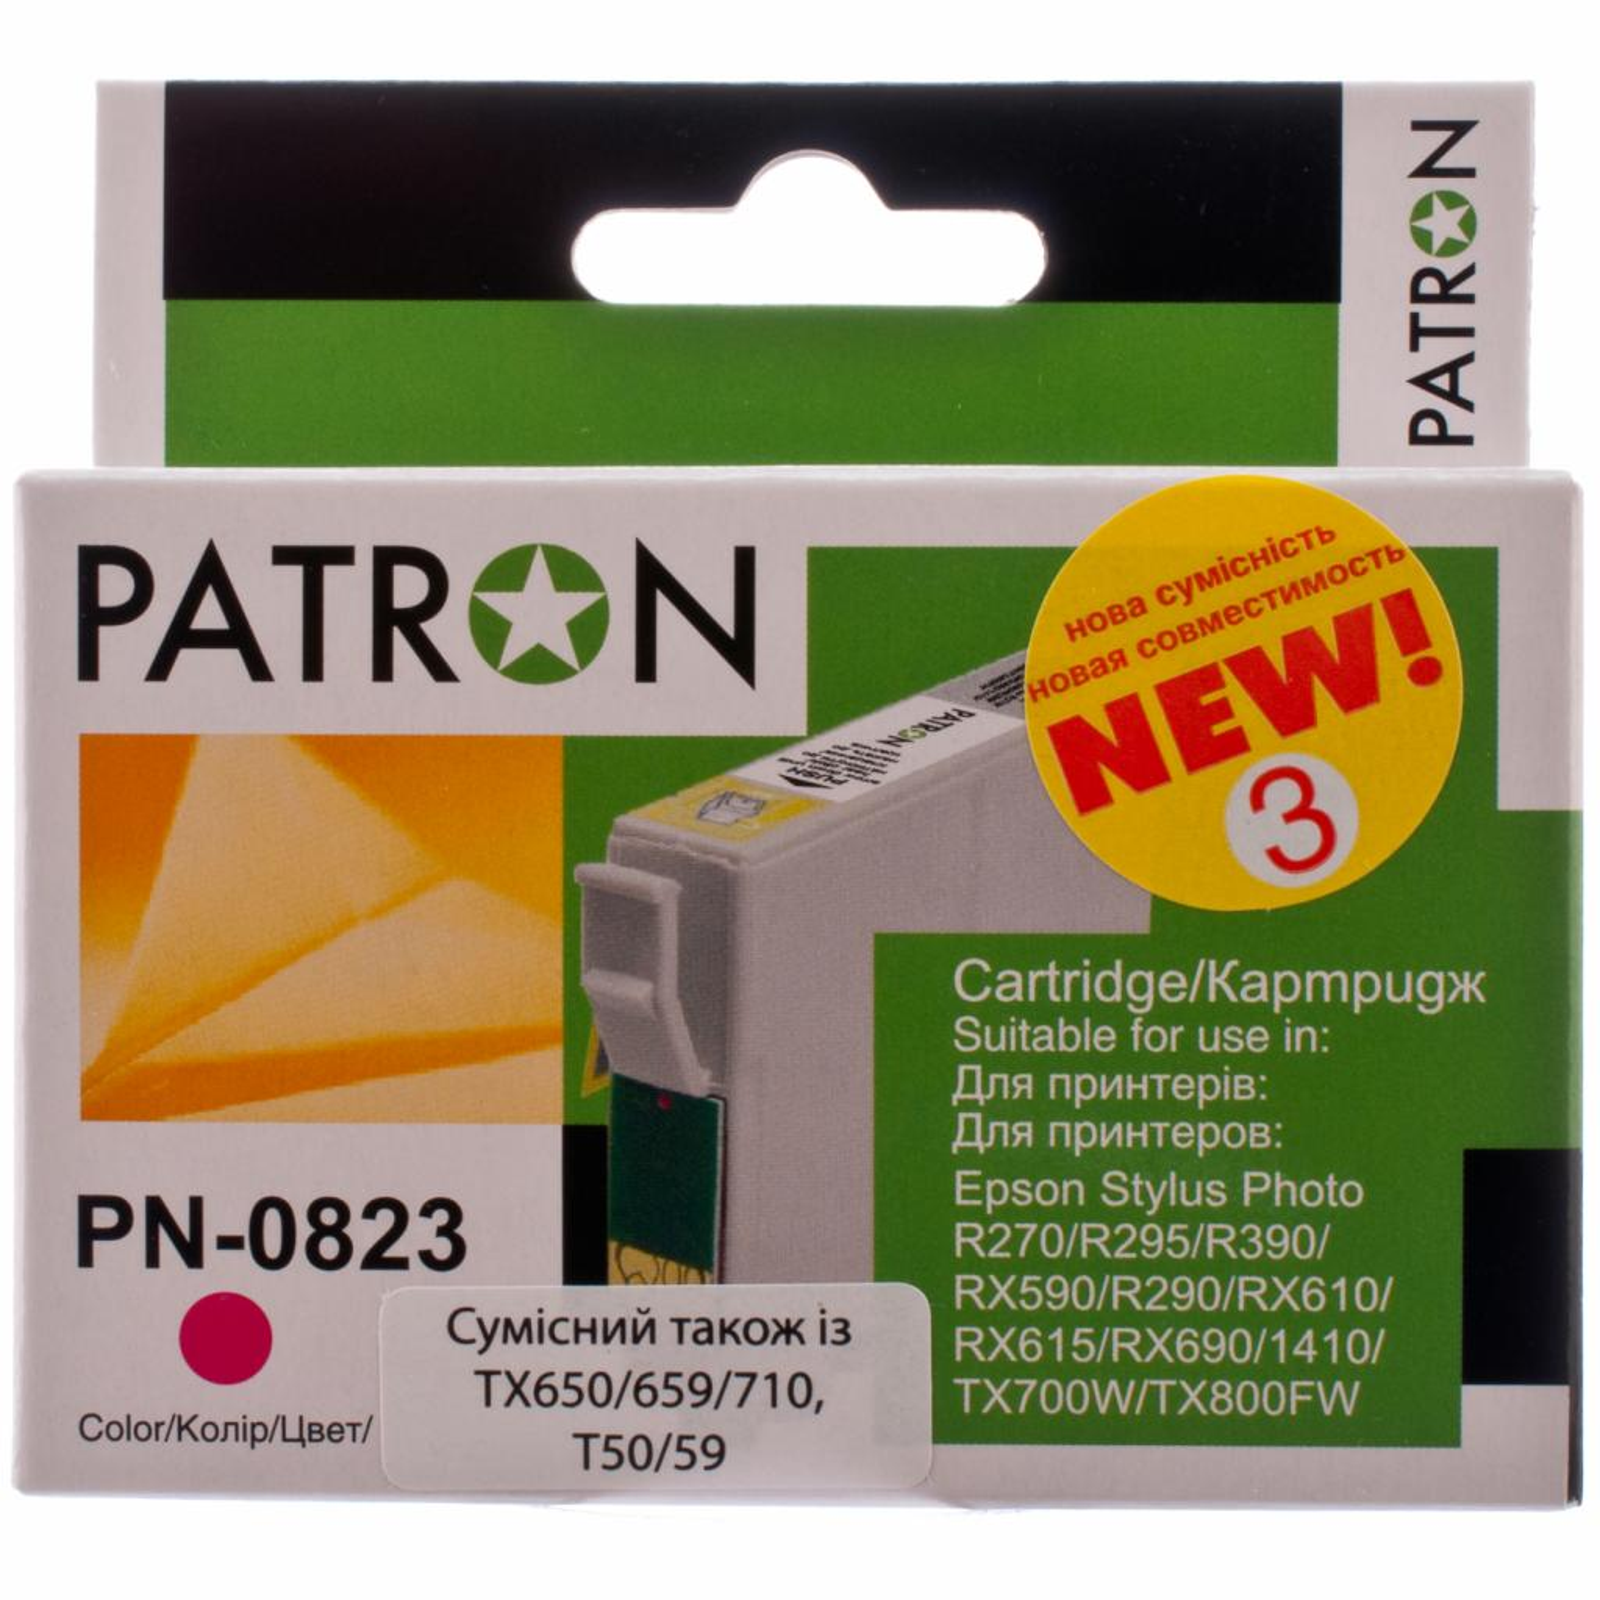 Картридж PATRON для EPSON R270/290/390/RX590 MAGENTA (PN-0823) (CI-EPS-T08134-M3-PN) изображение 2